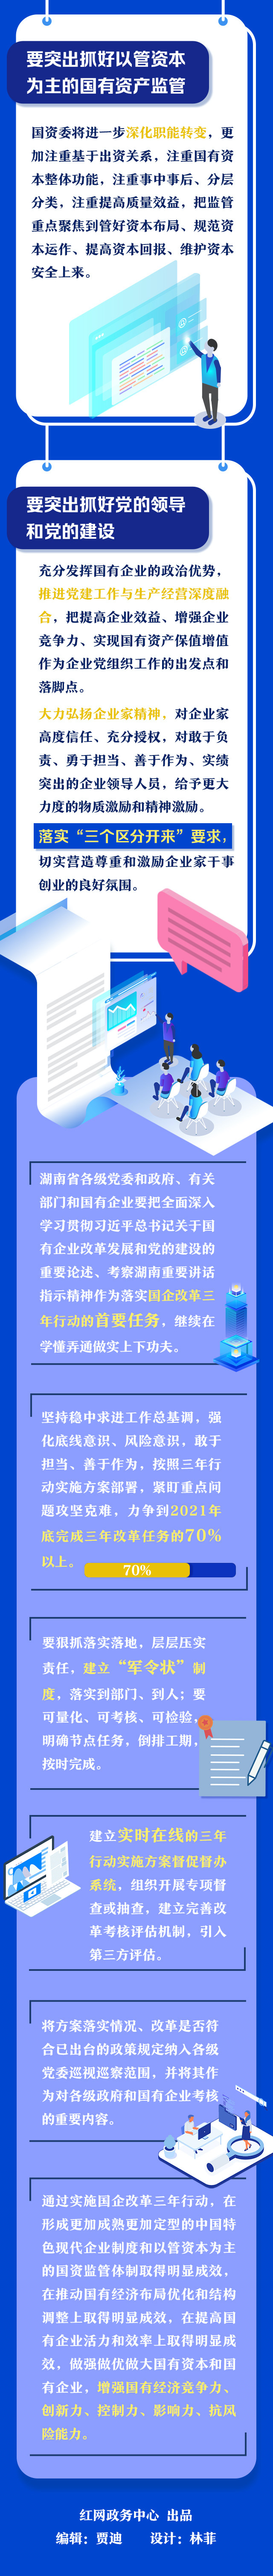 国企改革3-3.jpeg